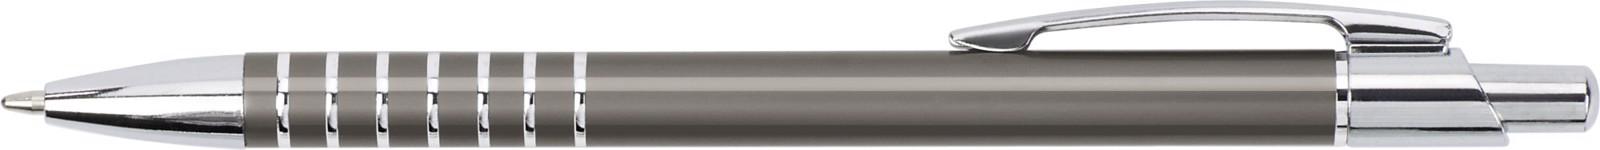 Aluminum ballpen - Light Grey